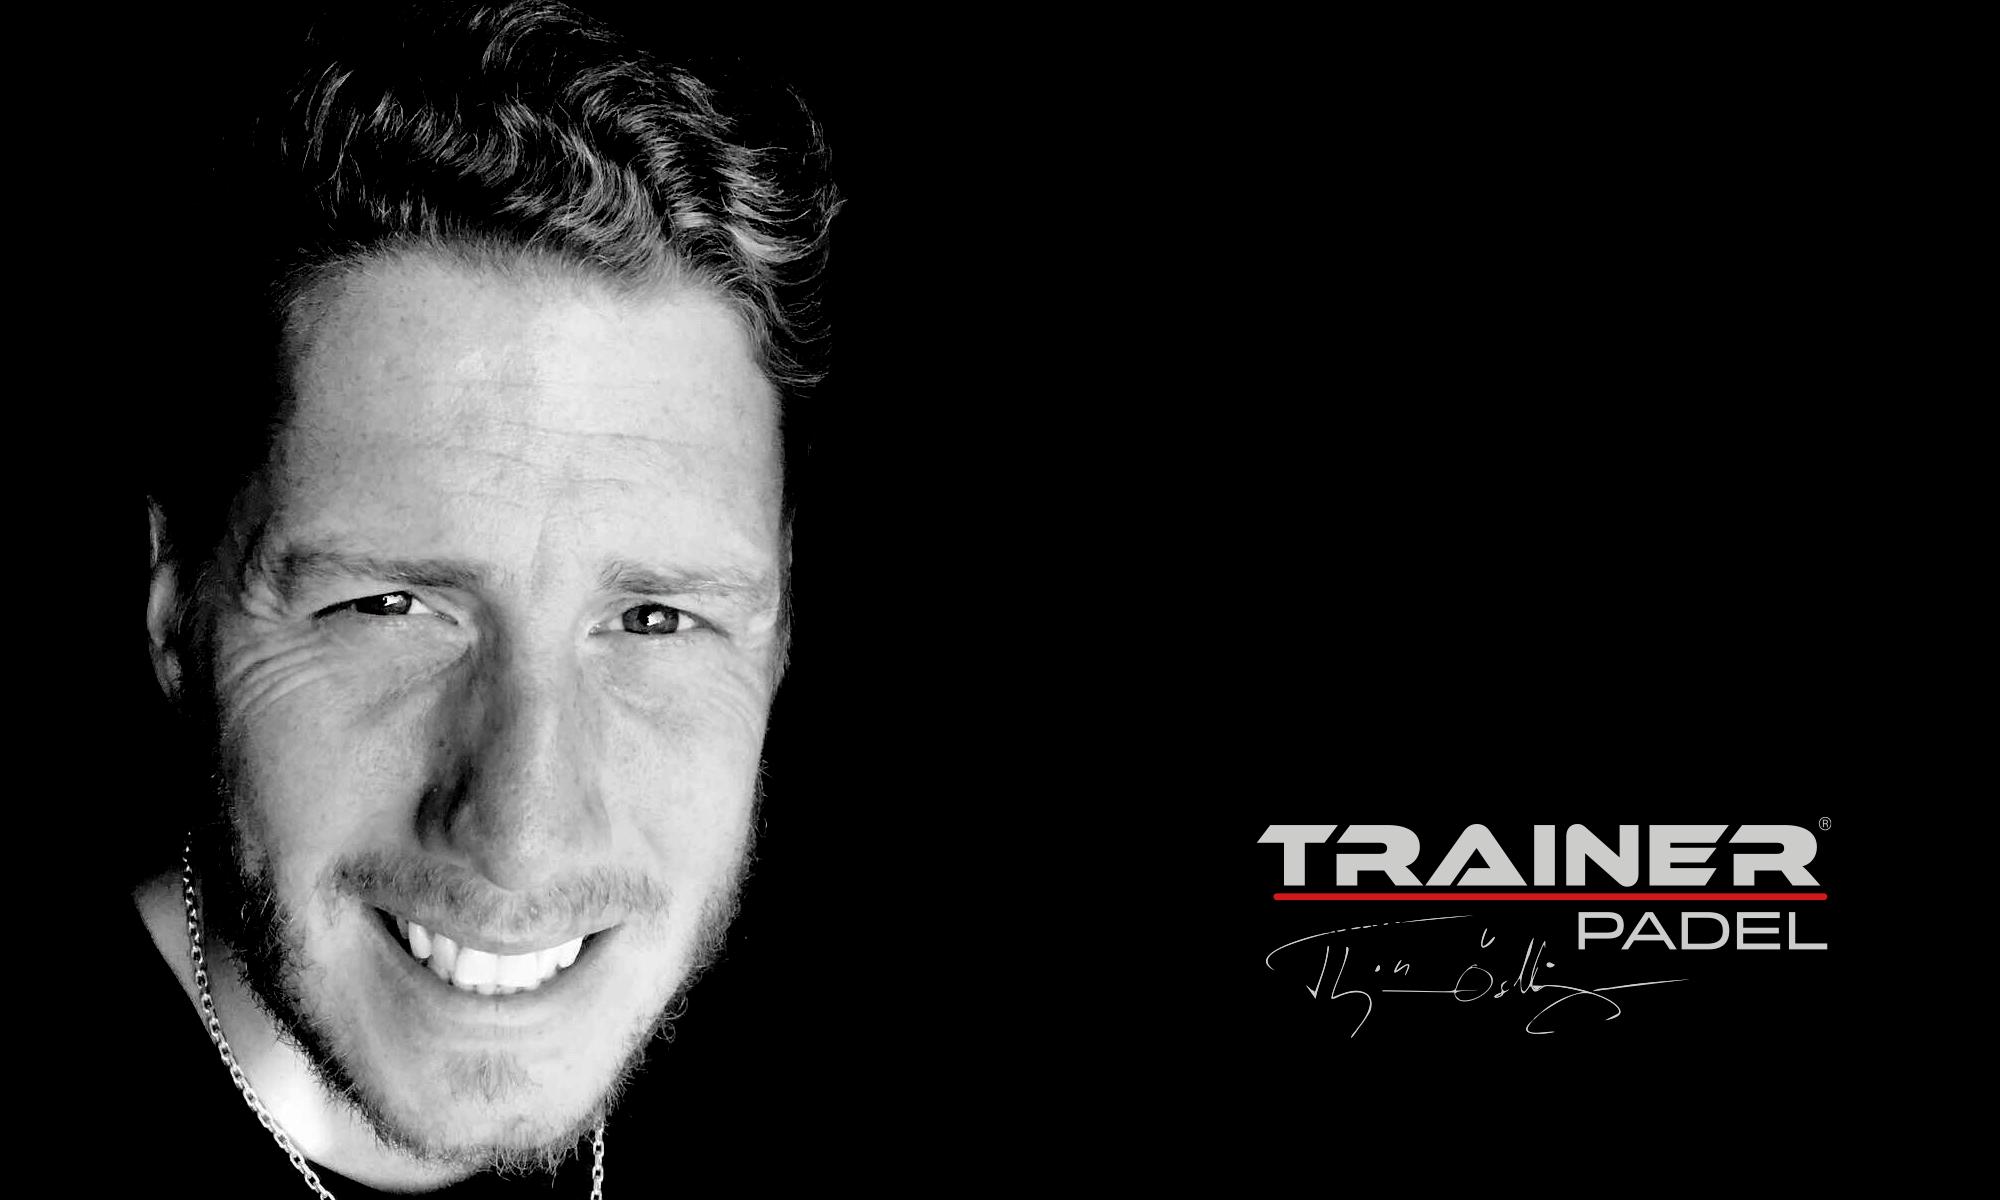 Trainer Padel - Thorbjörn Östling